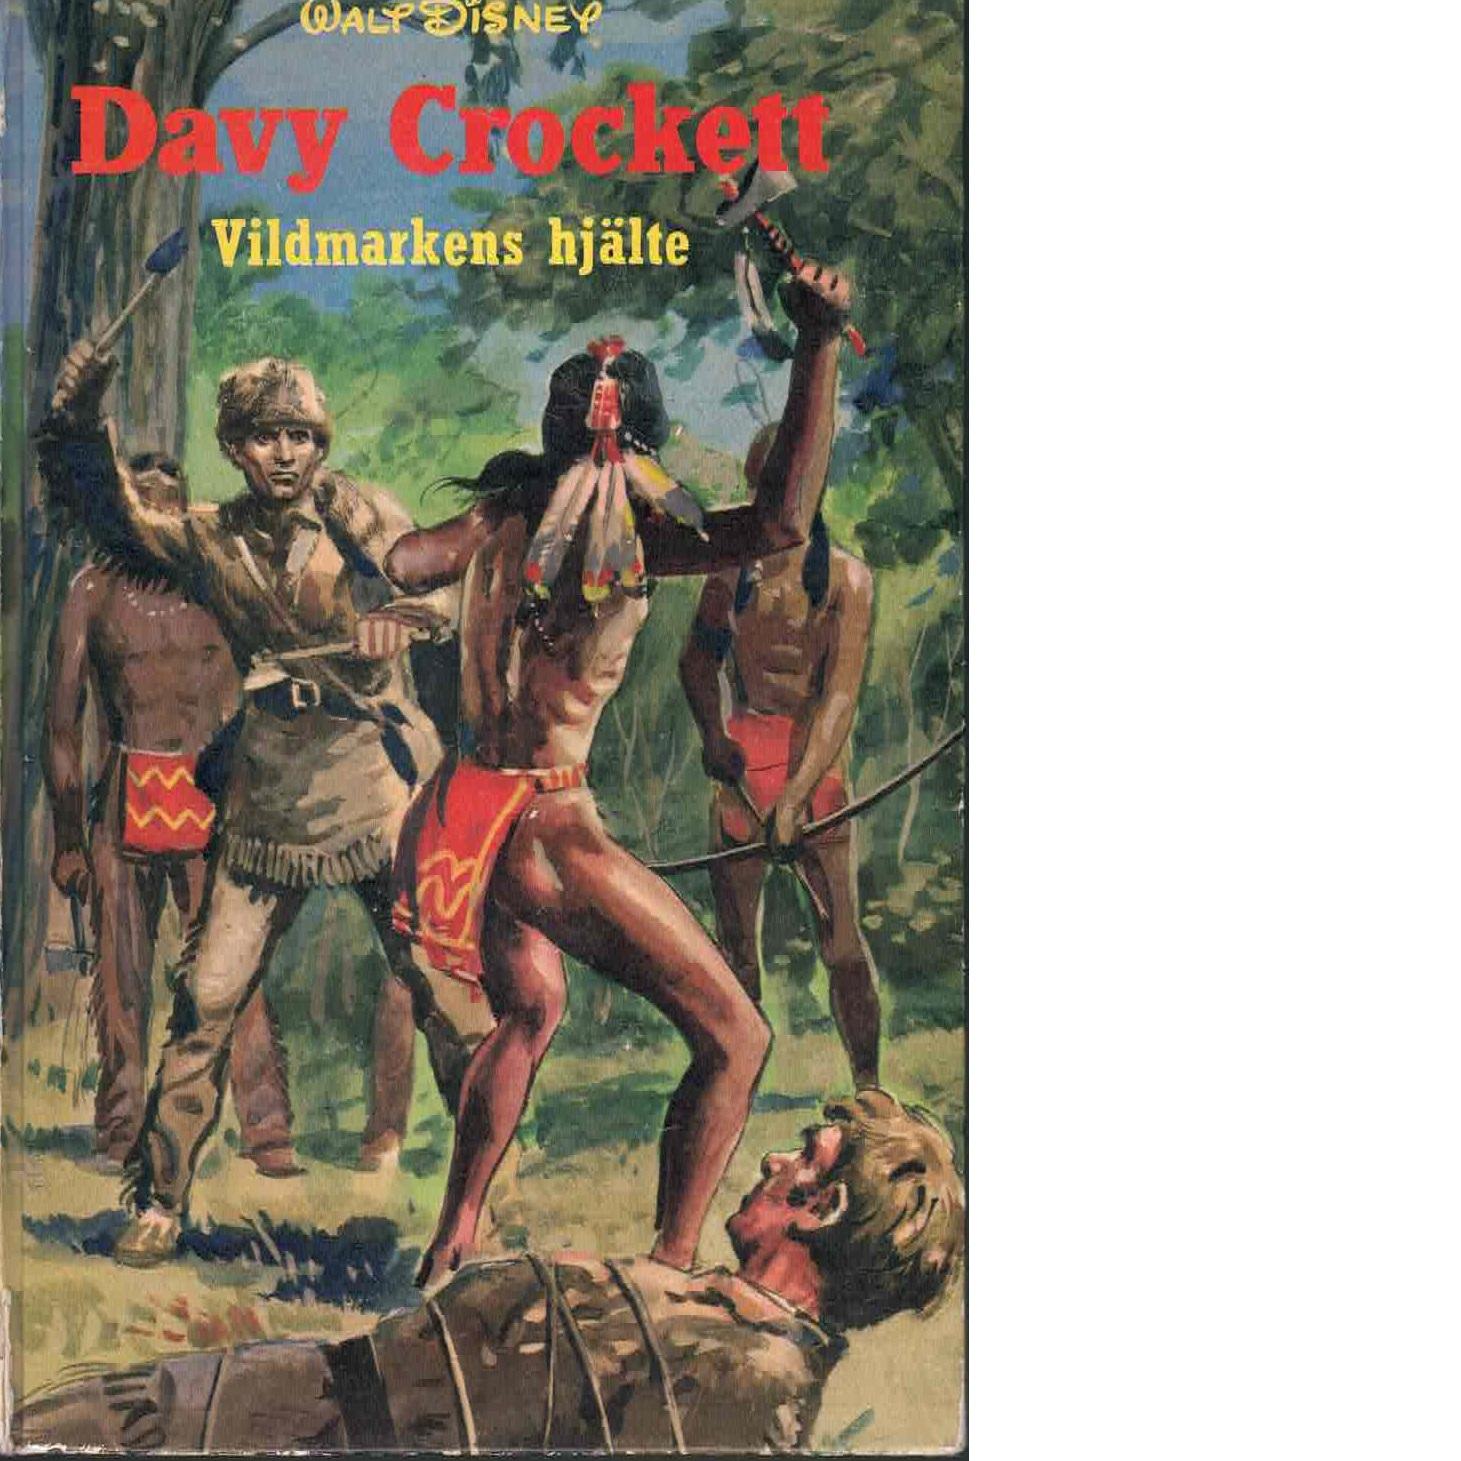 Davy Crockett, vildmarkens hjälte : en berättelse från Amerikas pionjärtid - Red.